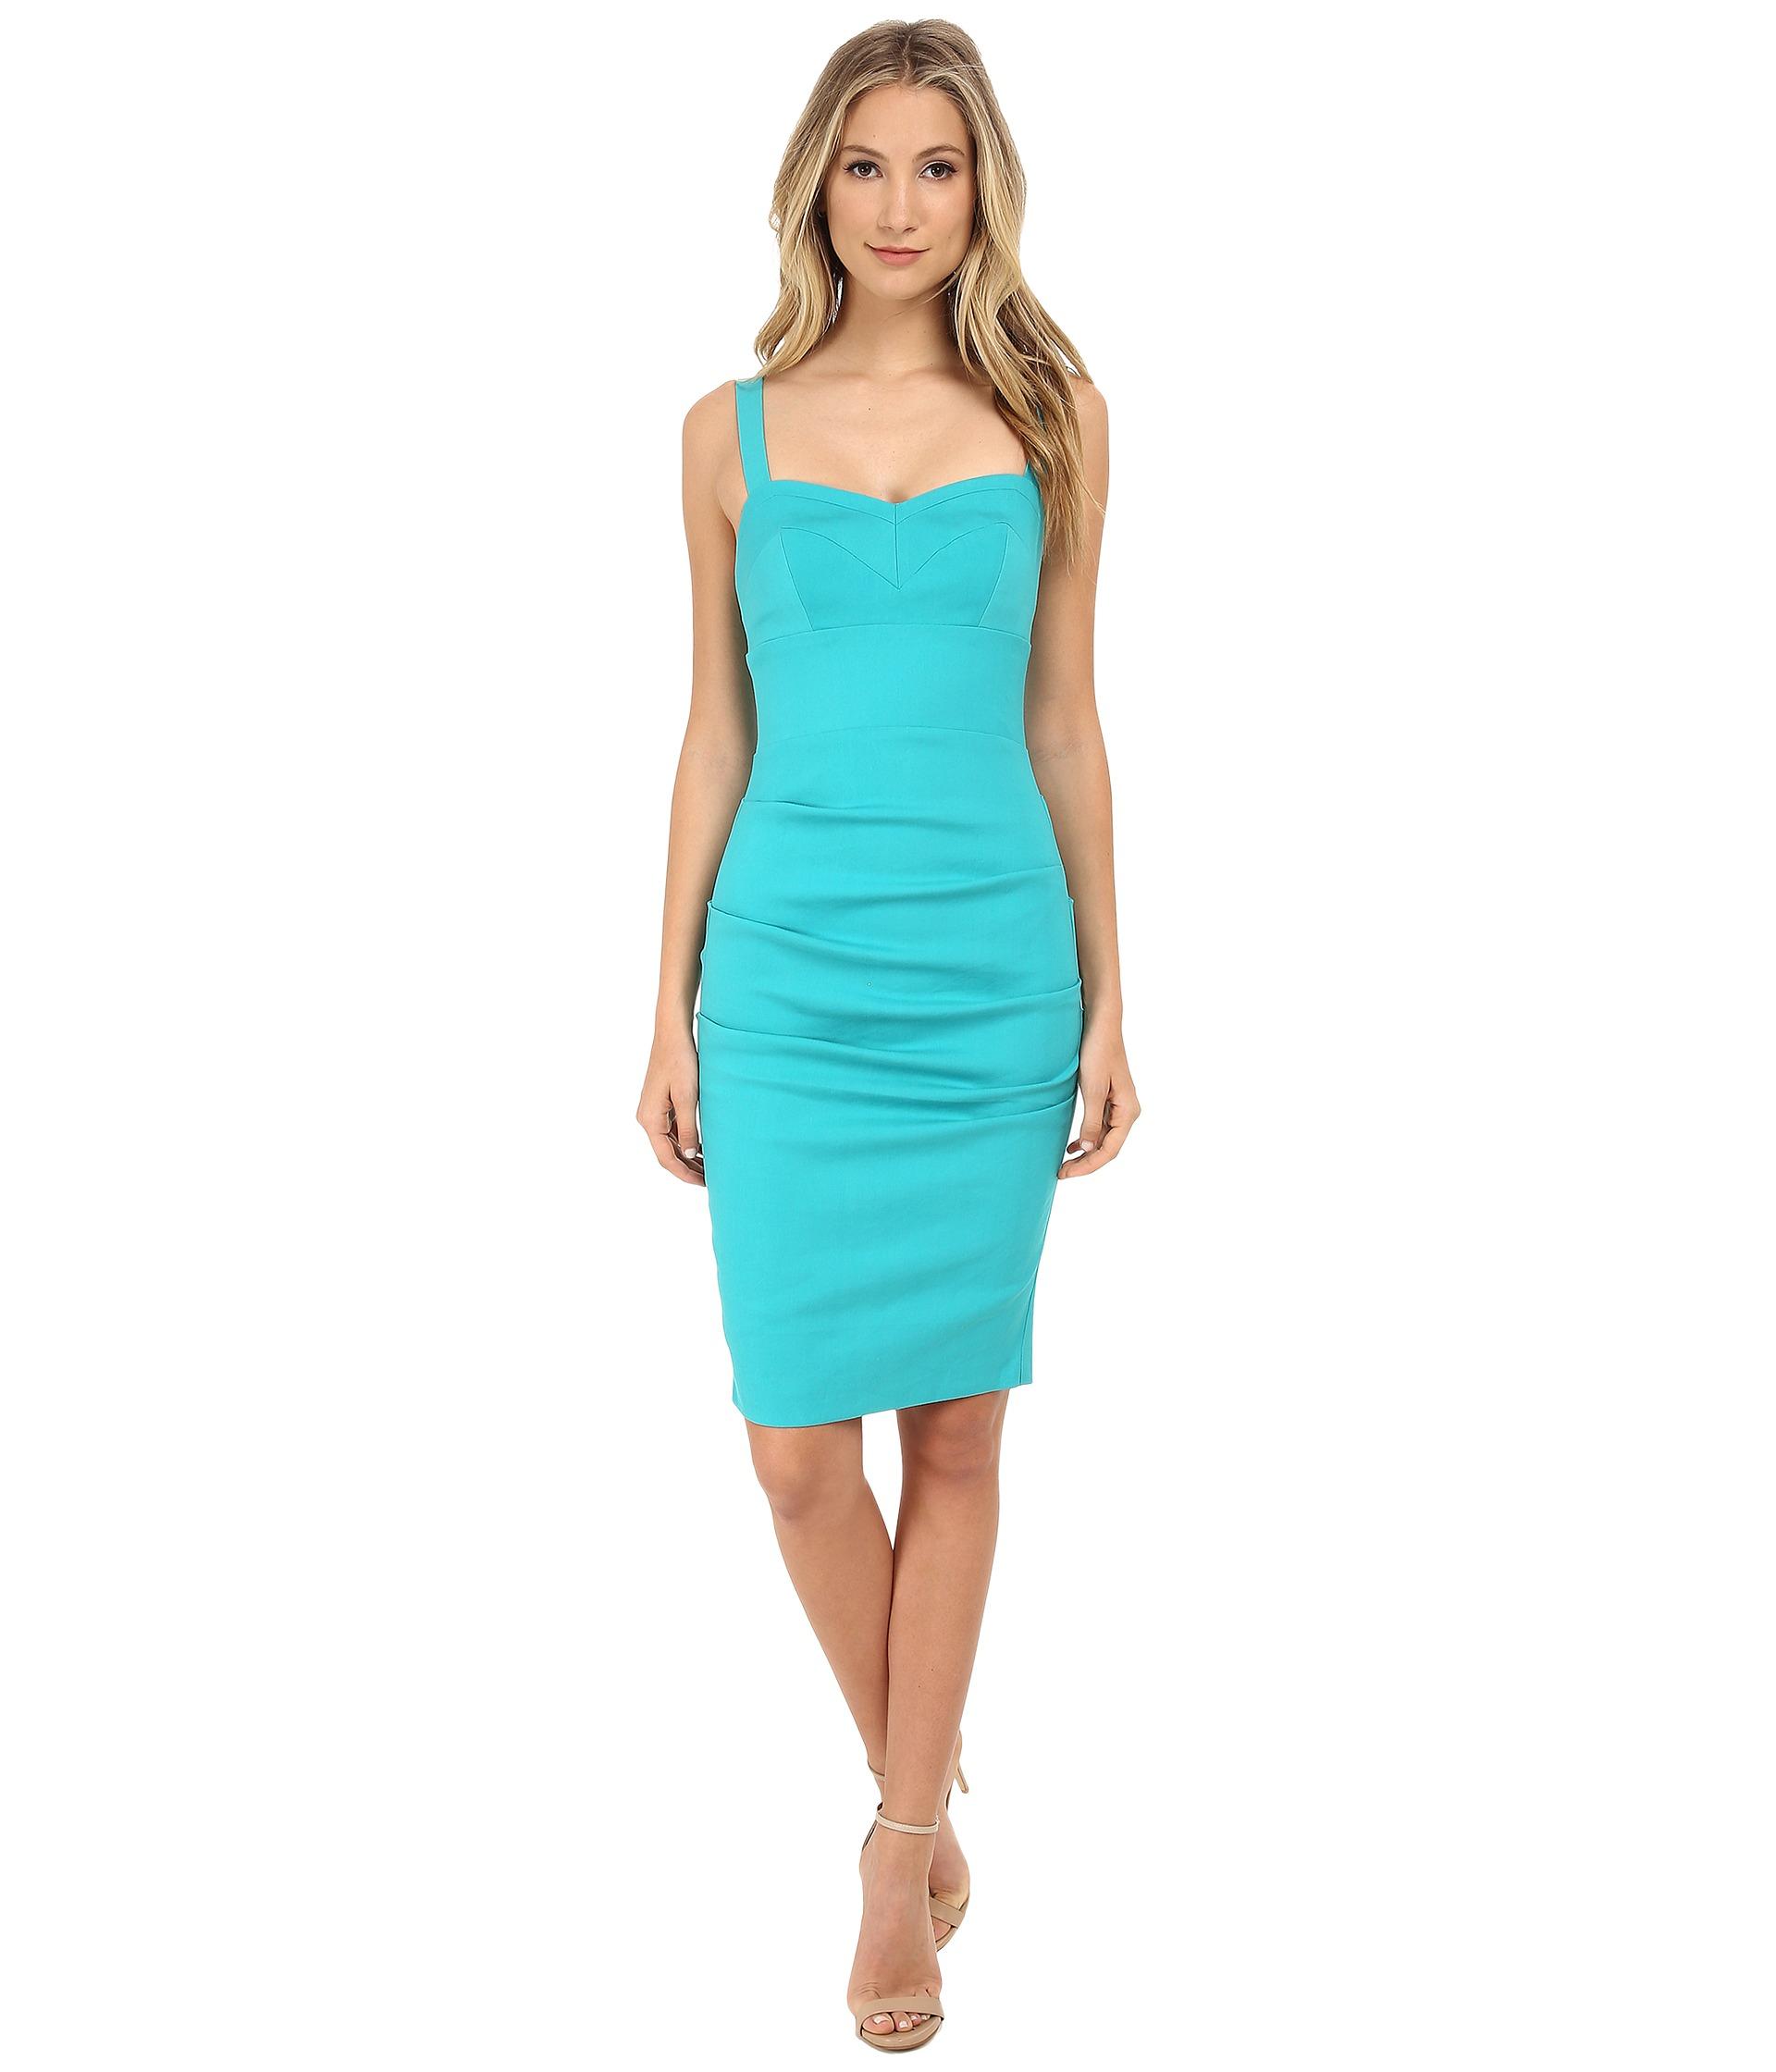 Lyst - Nicole Miller Tali Pool Party Linen Dress in Blue